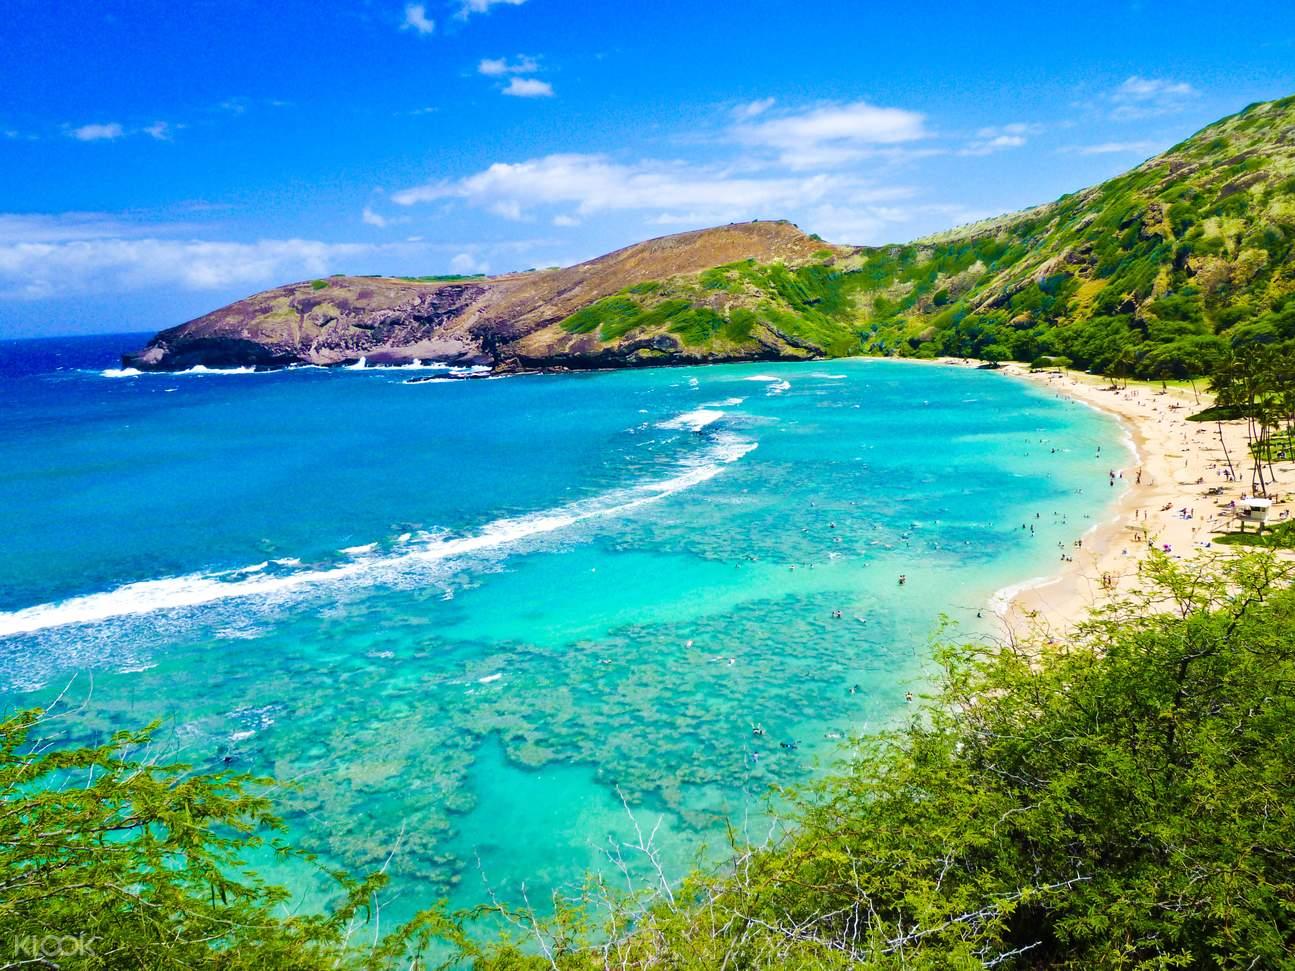 欧胡岛无限景点通票,欧胡岛通票,欧胡岛景点通票,夏威夷